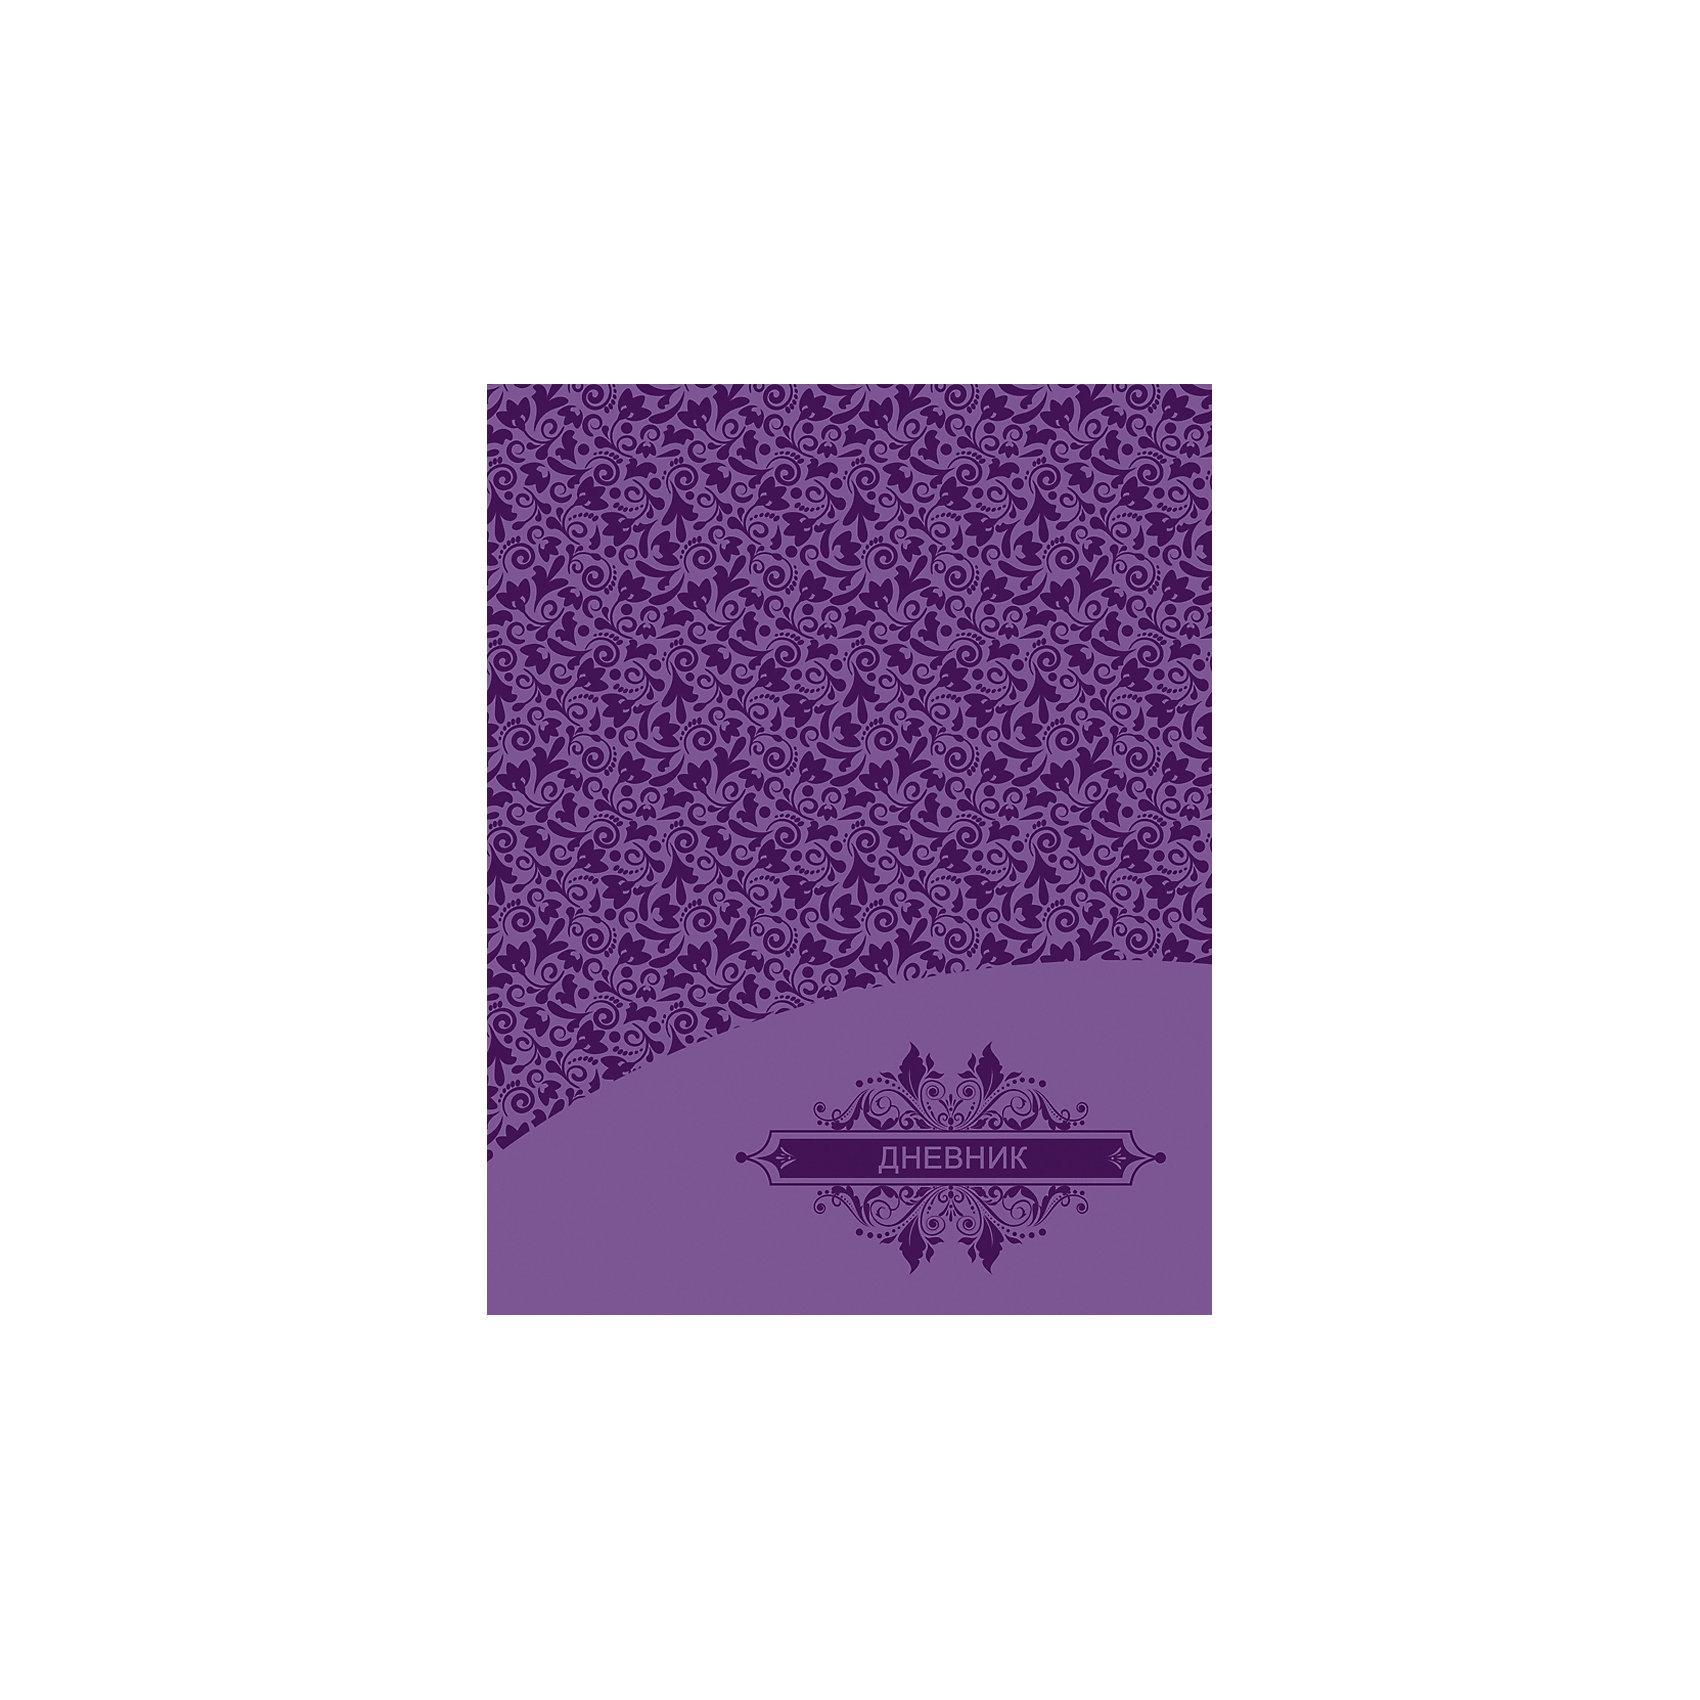 Дневник. Универсальный блок, тиснение - Узор.Бумажная продукция<br>ДНЕВНИК УНИВЕРСАЛЬНЫЙ.Интегральный переплет с использованием итальянских переплетных материалов, с тиснением. Справочный материал. Внутренний блок -  70 г/м2., незапечатанный форзац.<br><br>Ширина мм: 215<br>Глубина мм: 170<br>Высота мм: 5<br>Вес г: 213<br>Возраст от месяцев: 36<br>Возраст до месяцев: 216<br>Пол: Унисекс<br>Возраст: Детский<br>SKU: 6992538